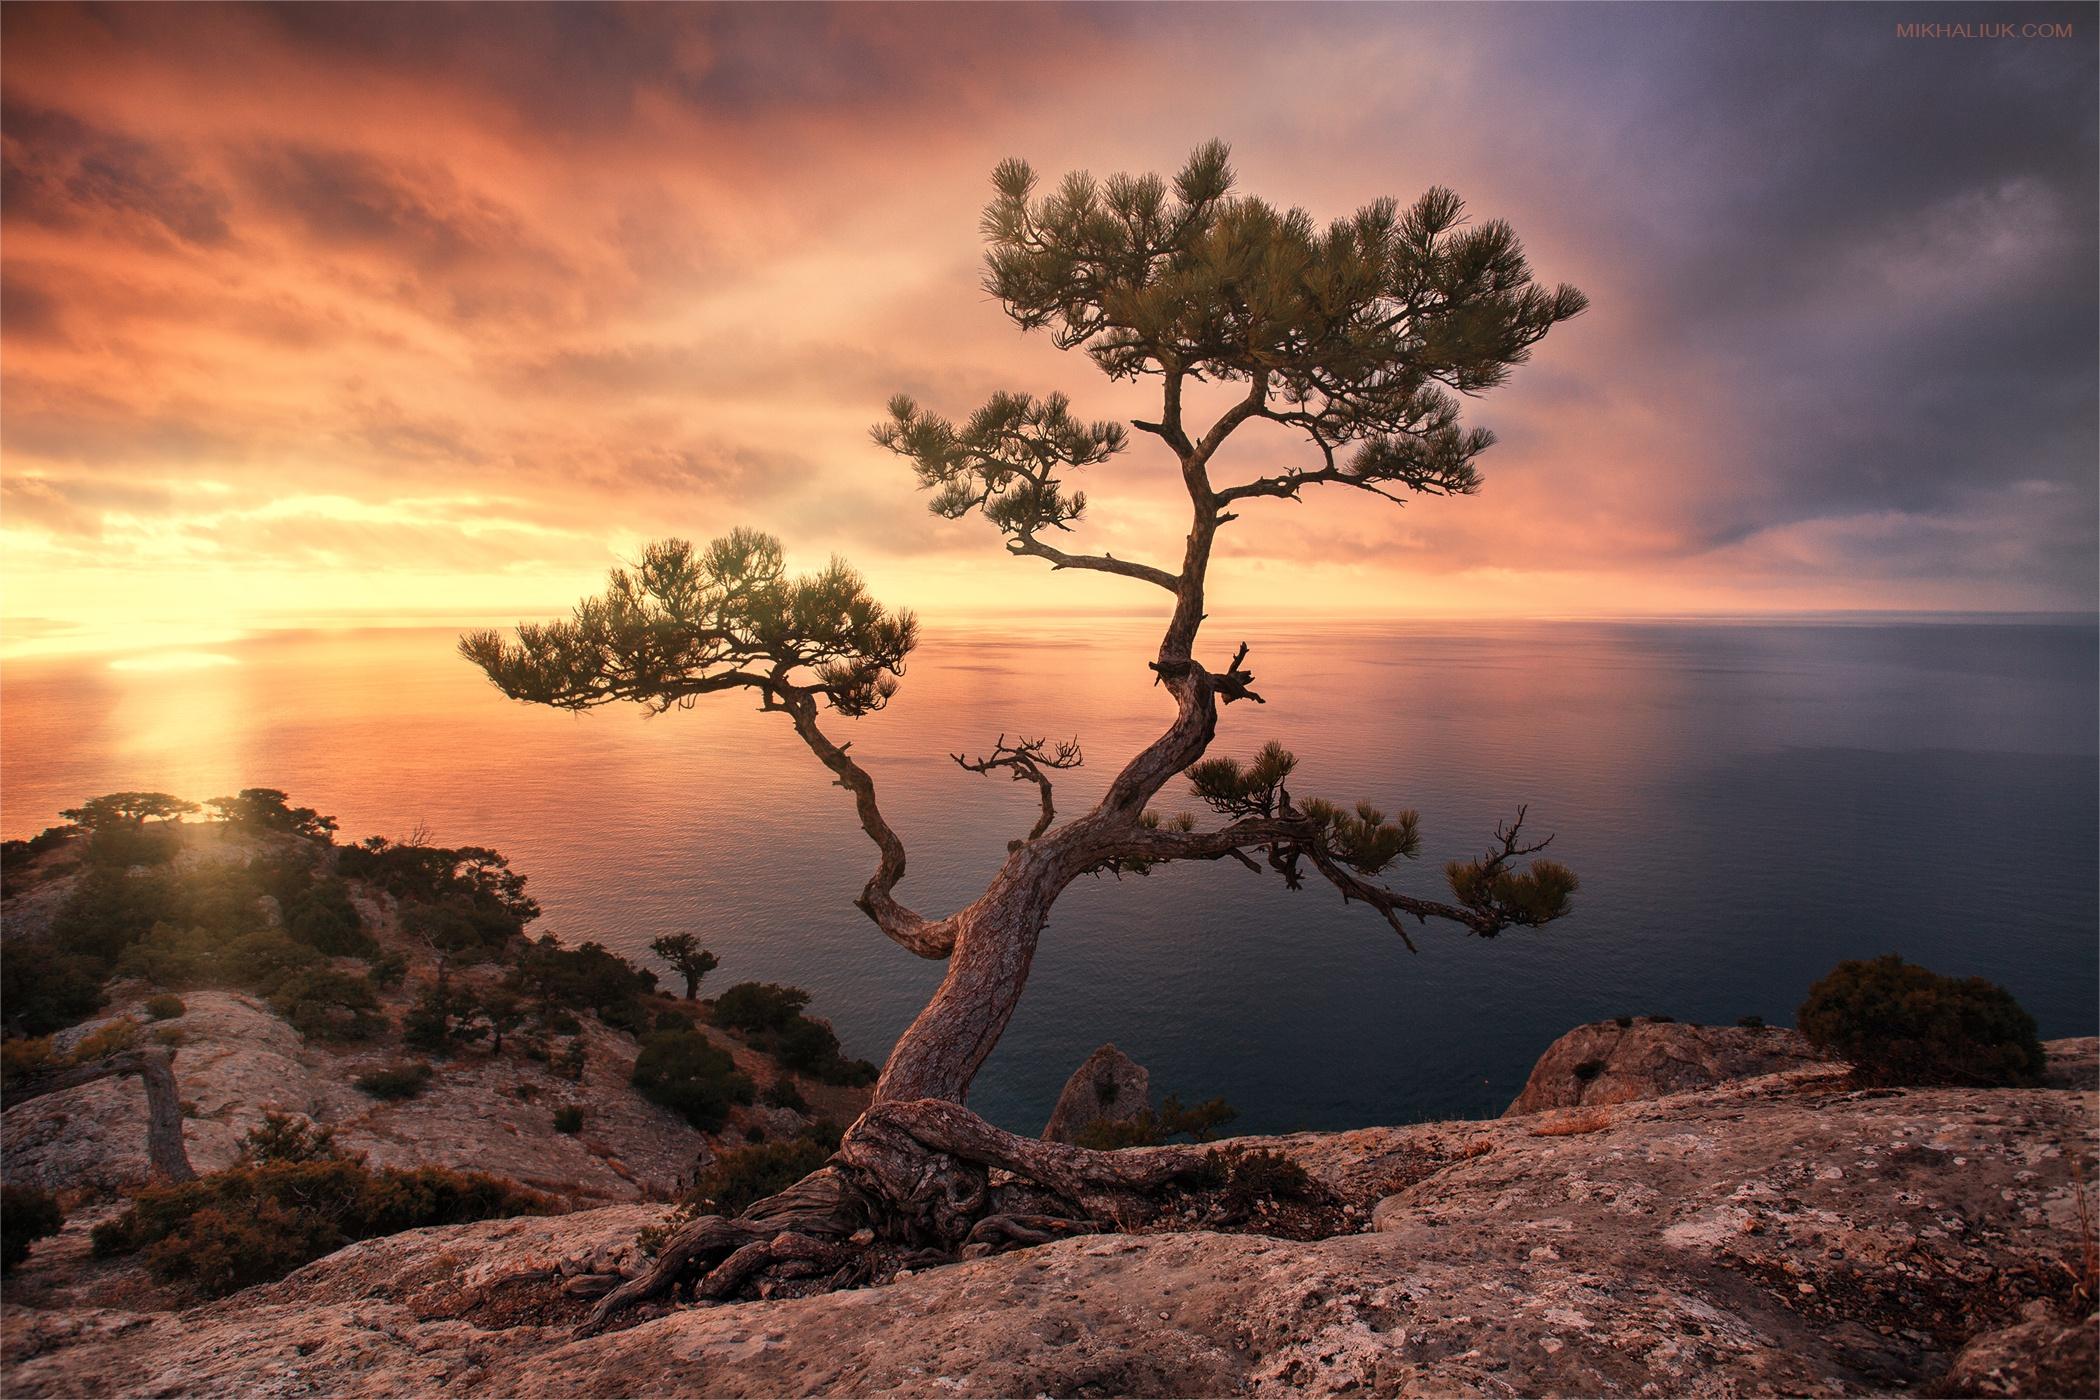 картинка дерево на скале был клуб